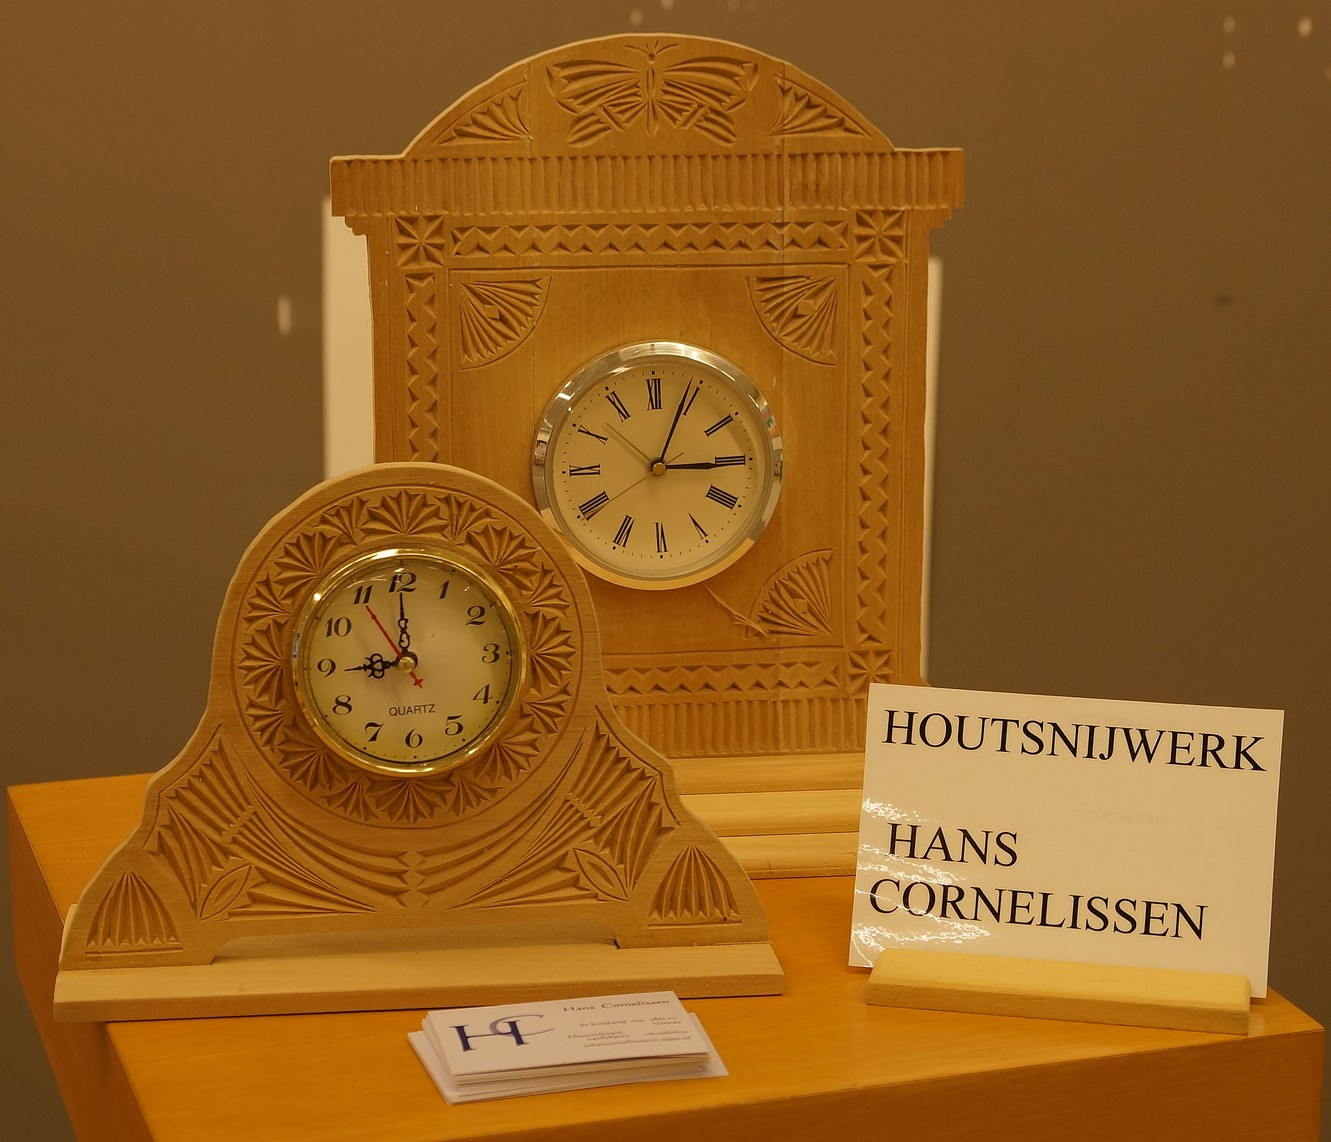 Houtsnijwerk-Expo2020-1